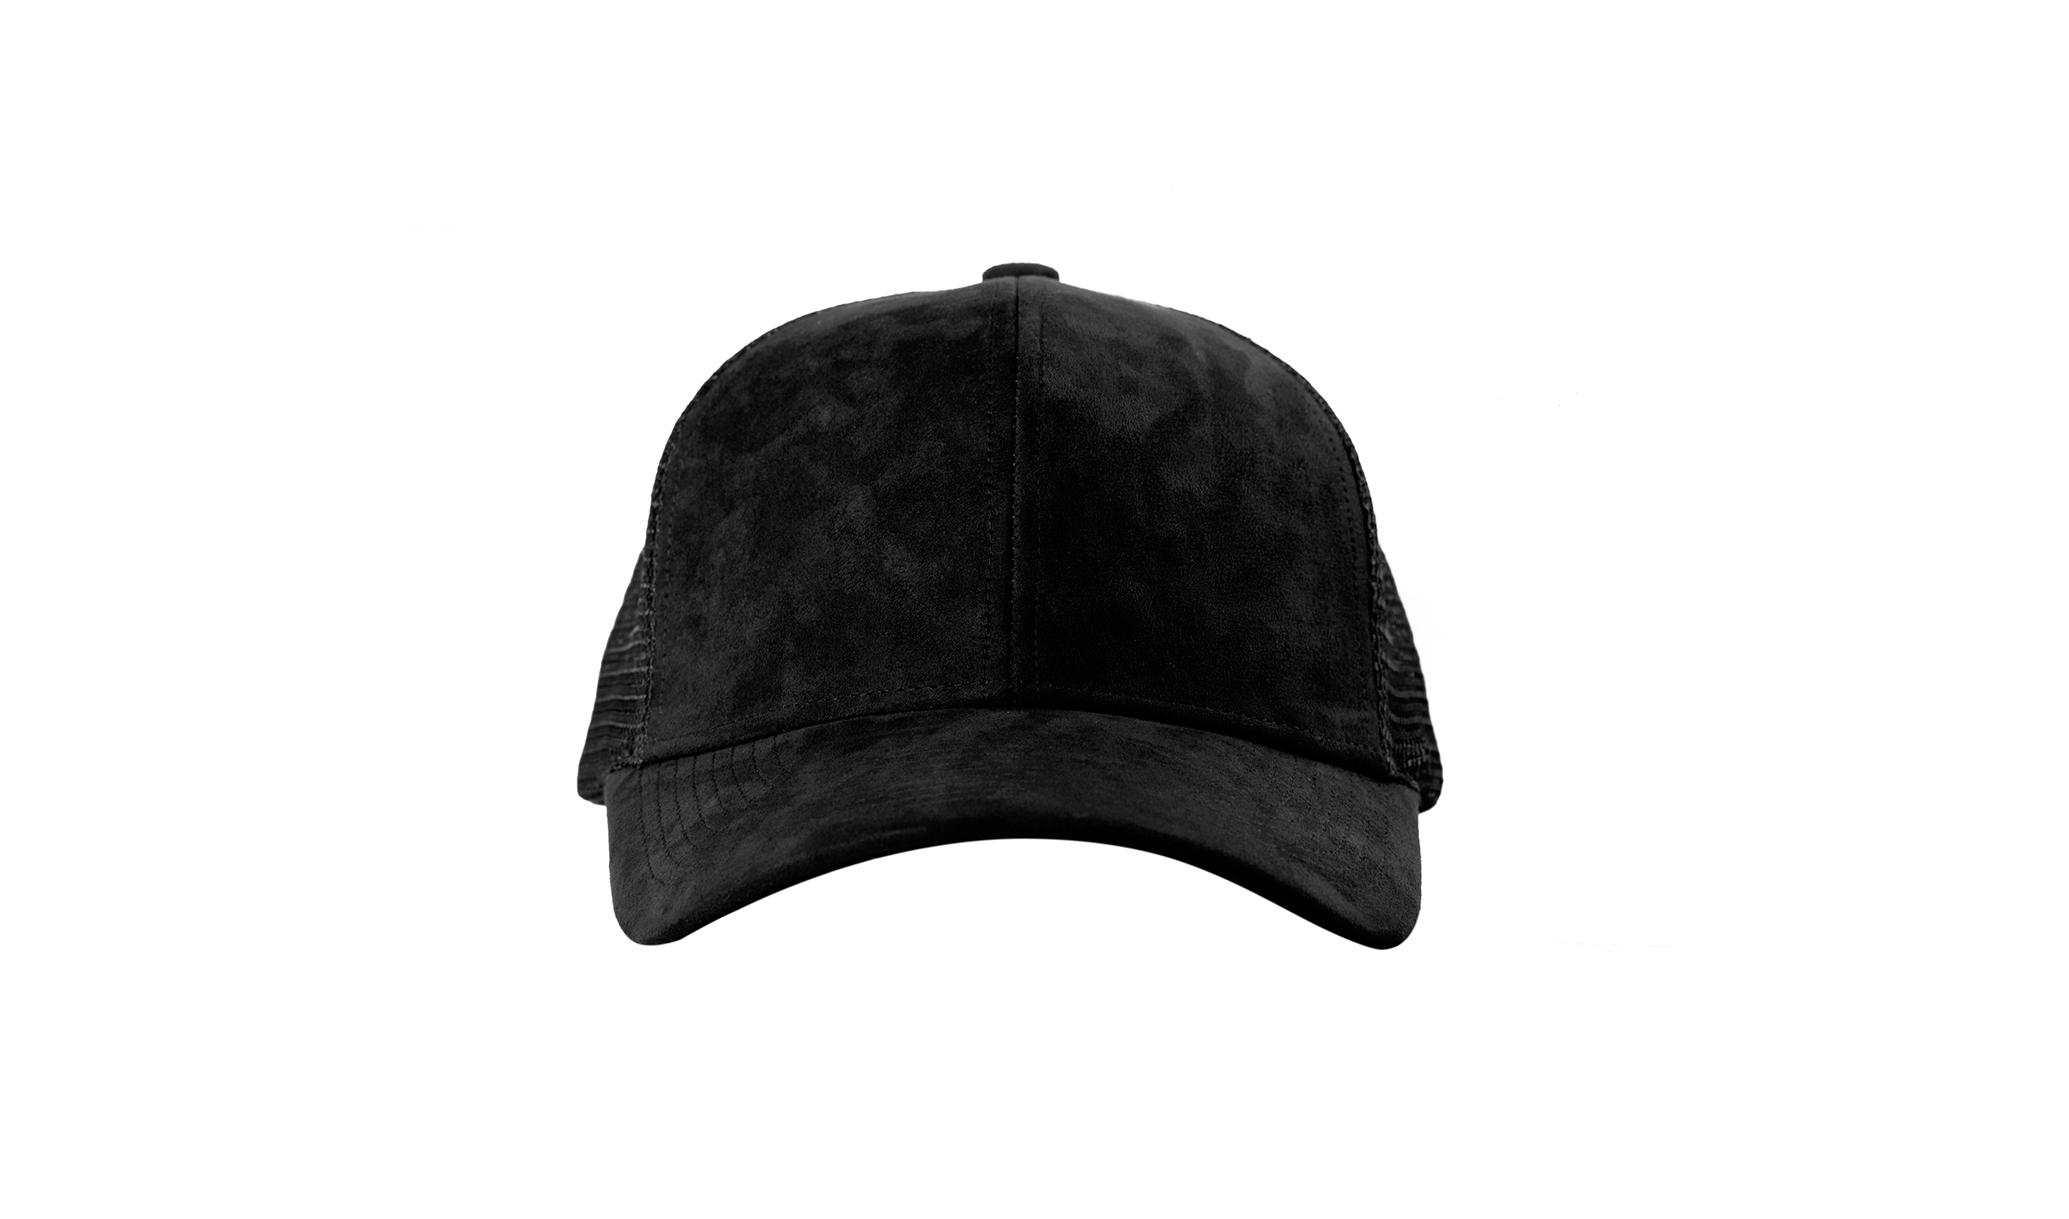 TRUCKER CAP BLACK SUEDE FRONT